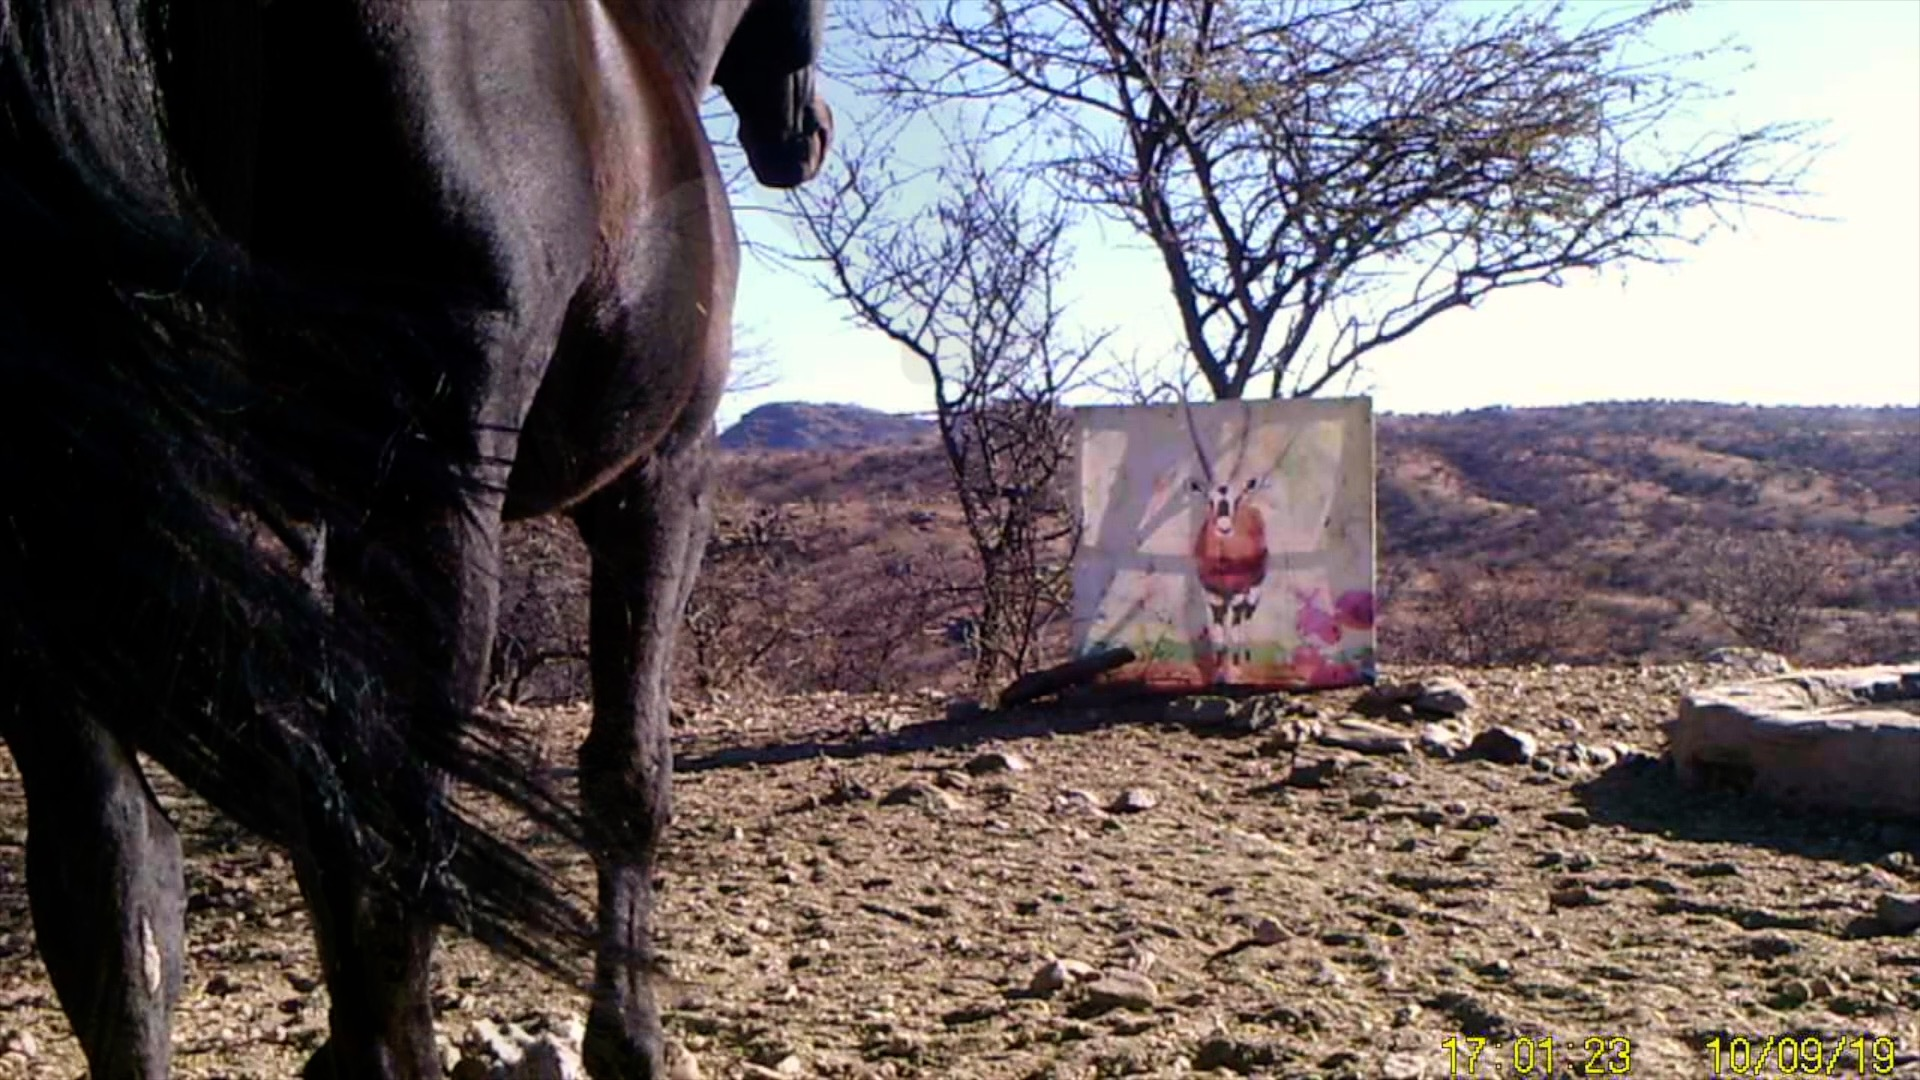 Filmstill SUPERWILDVISION Namibia 2019, Afrika, Kunstprojekt von Irene Mueller, Pferd betrachtet Gemaelde